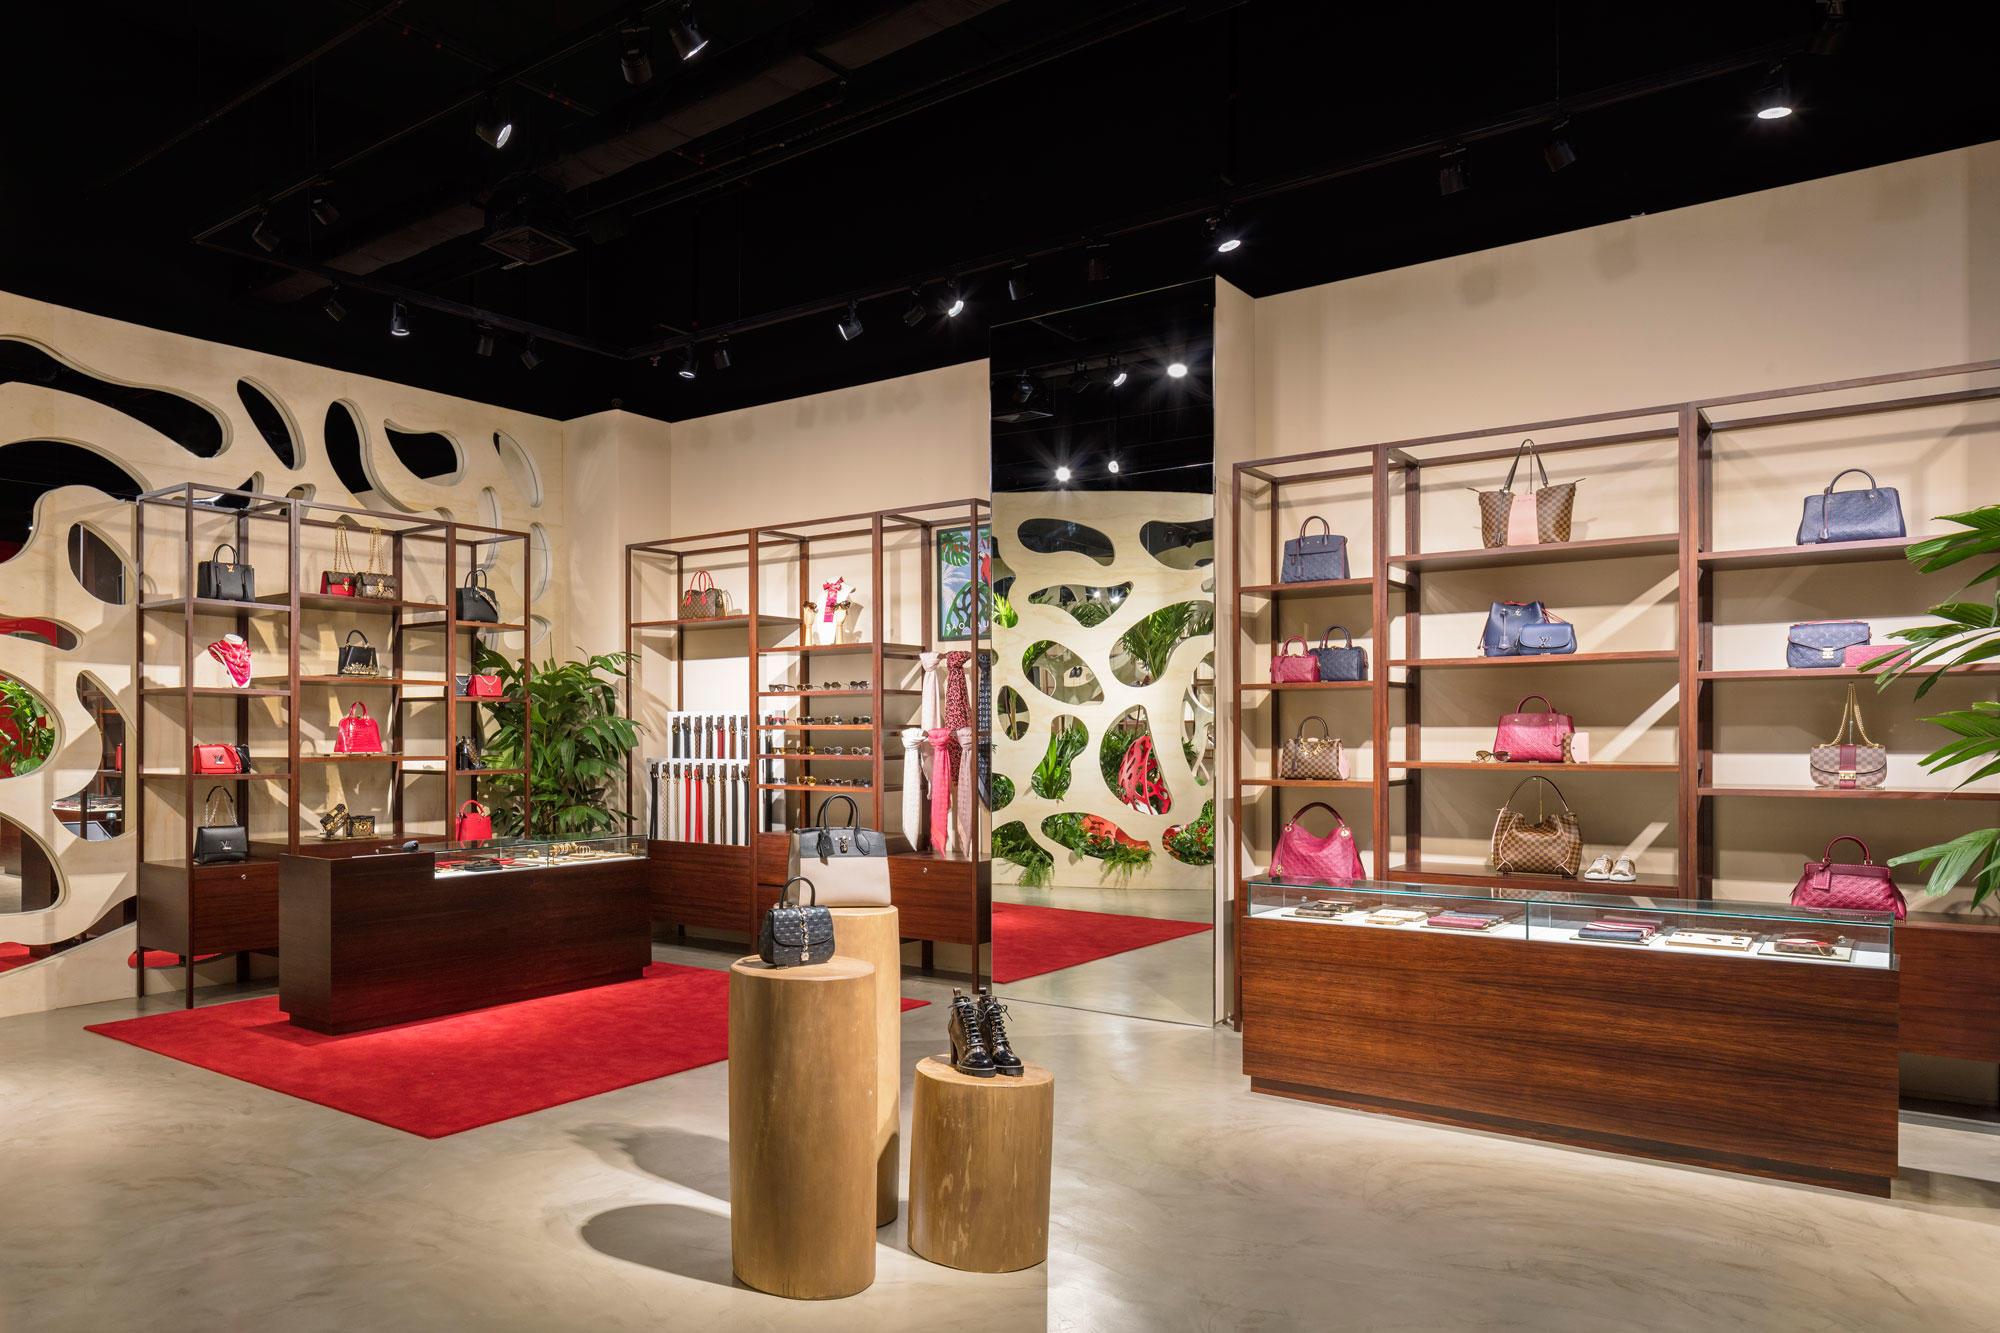 Louis Vuitton Recife Riomar - Closed